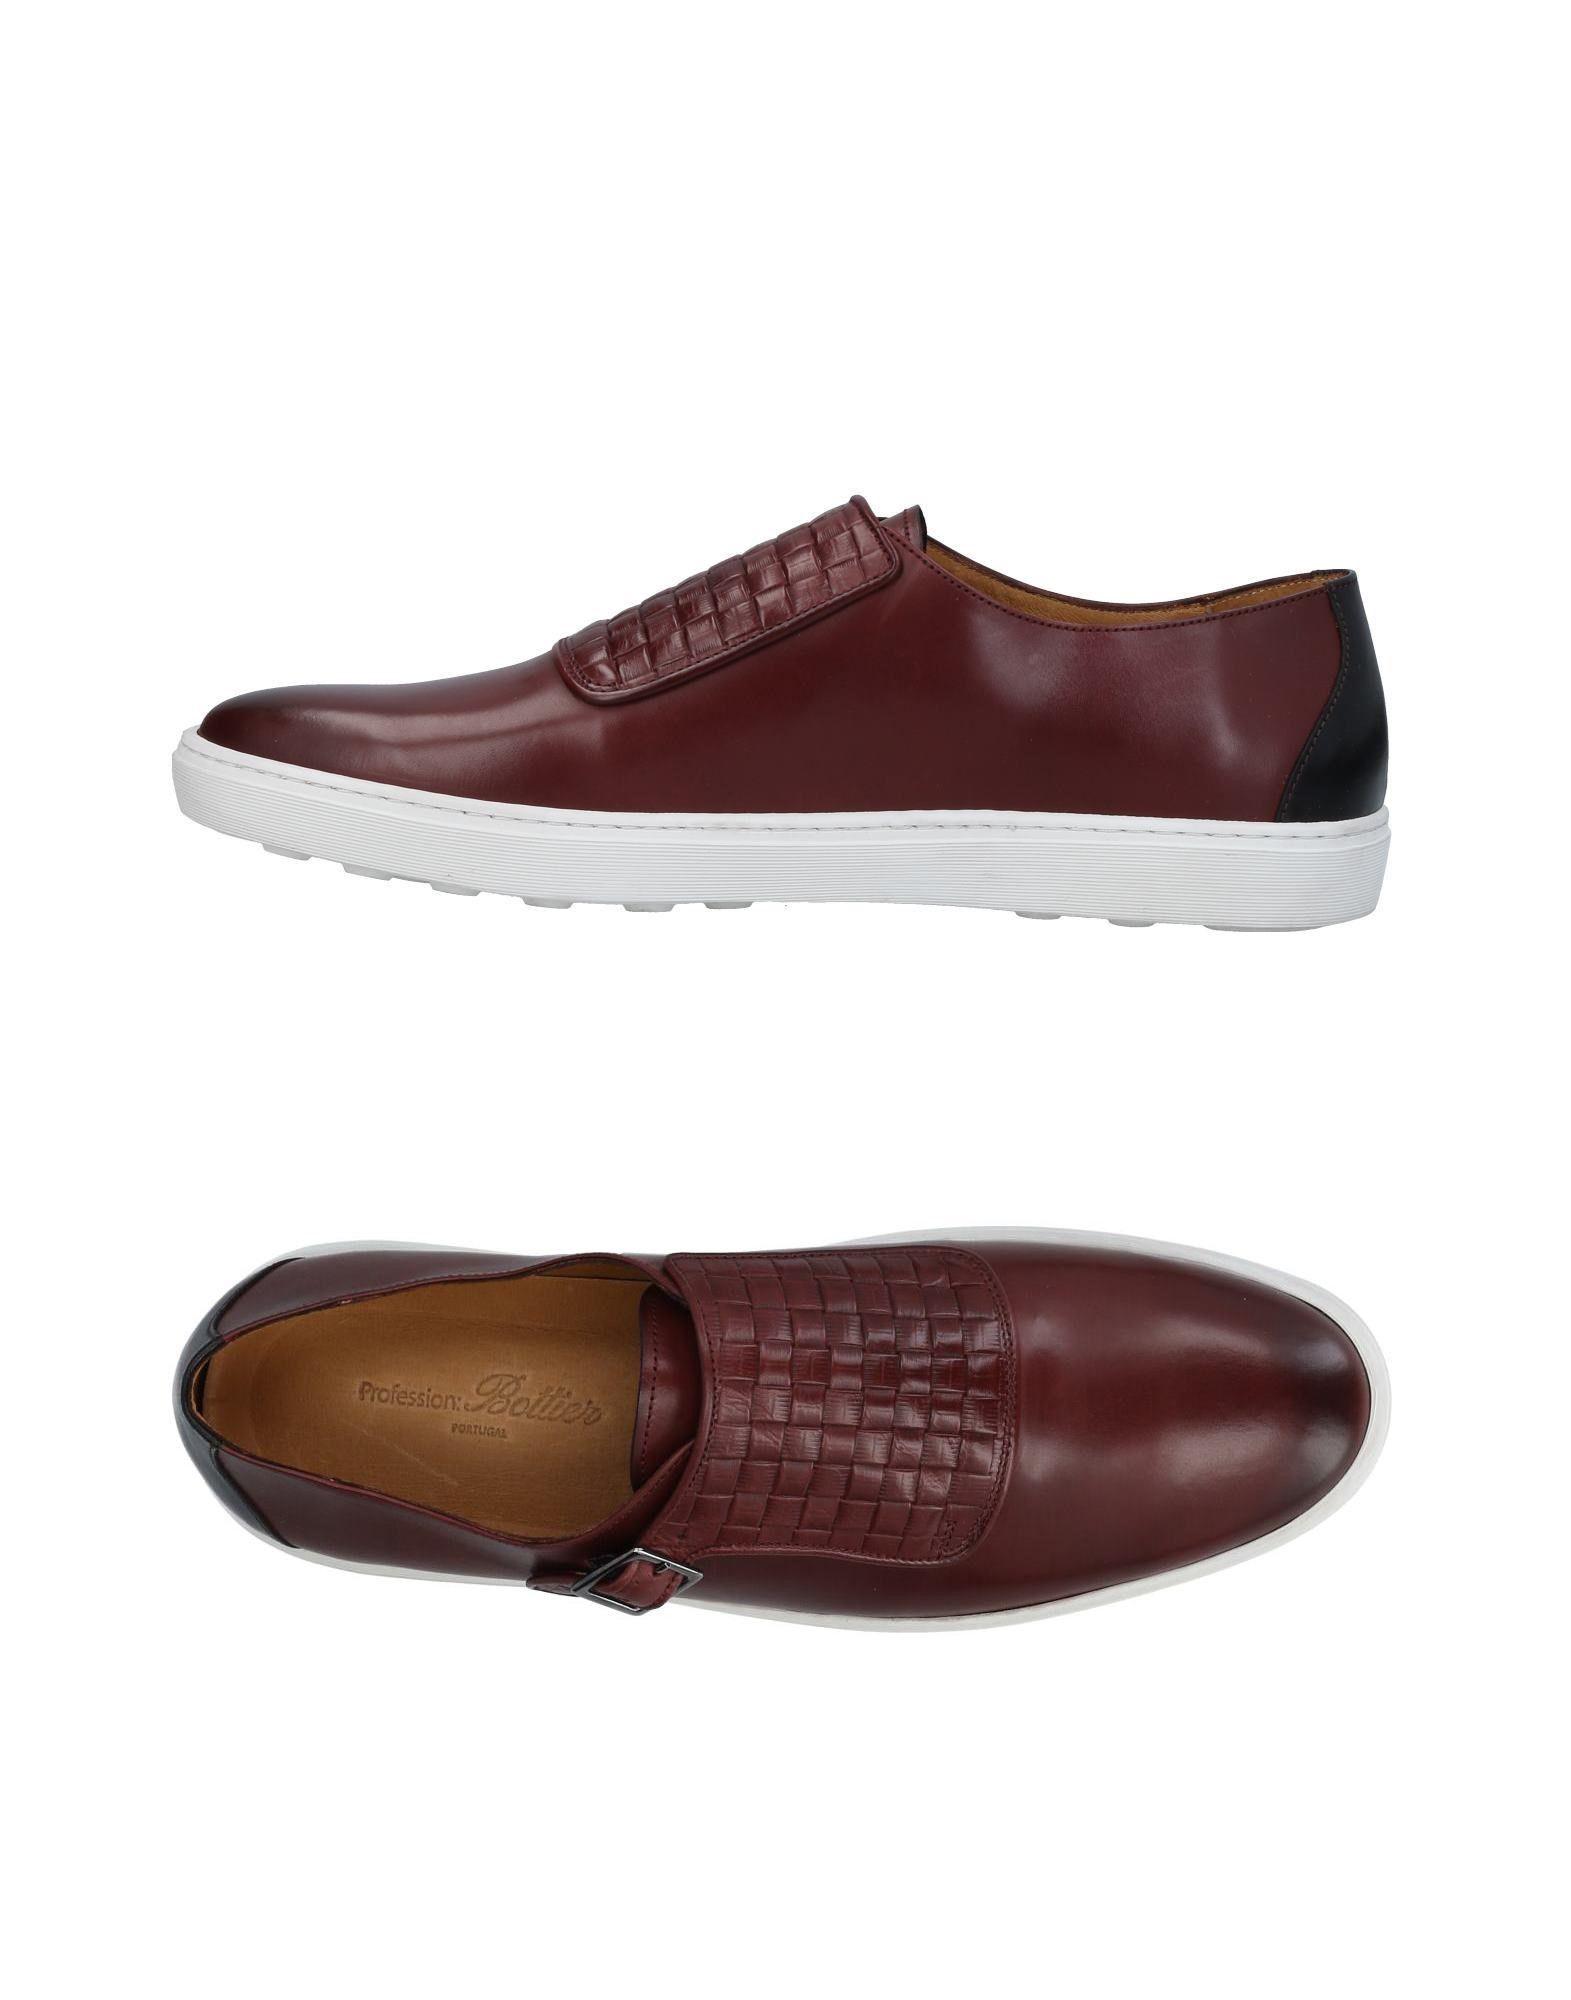 Rabatt echte Schuhe Profession: Bottier Sneakers Herren  11440221CU